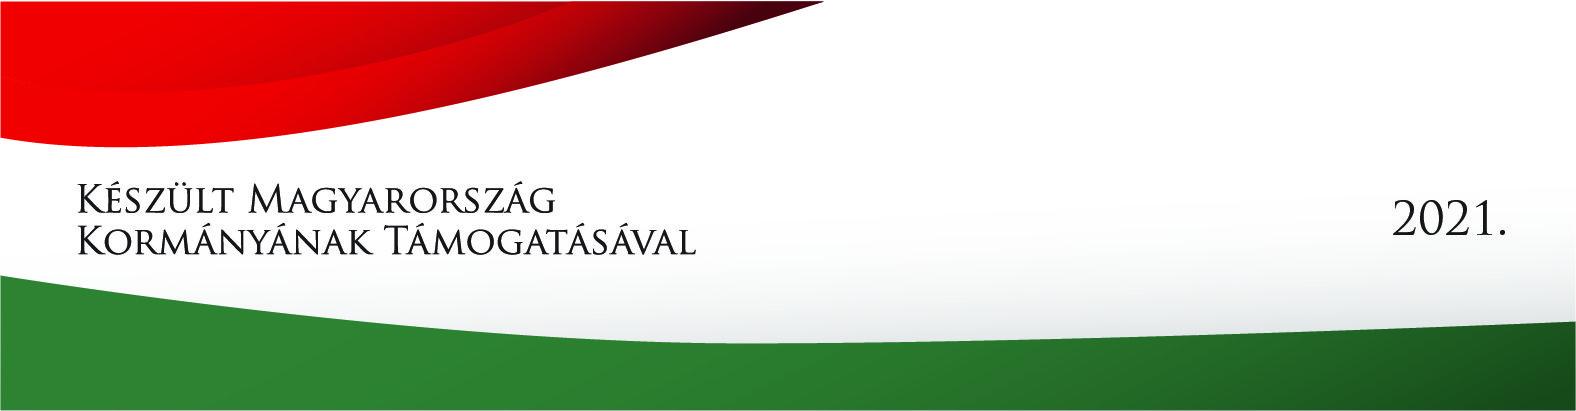 keszult_magyarorszag_korm_tamogatasaval_2021